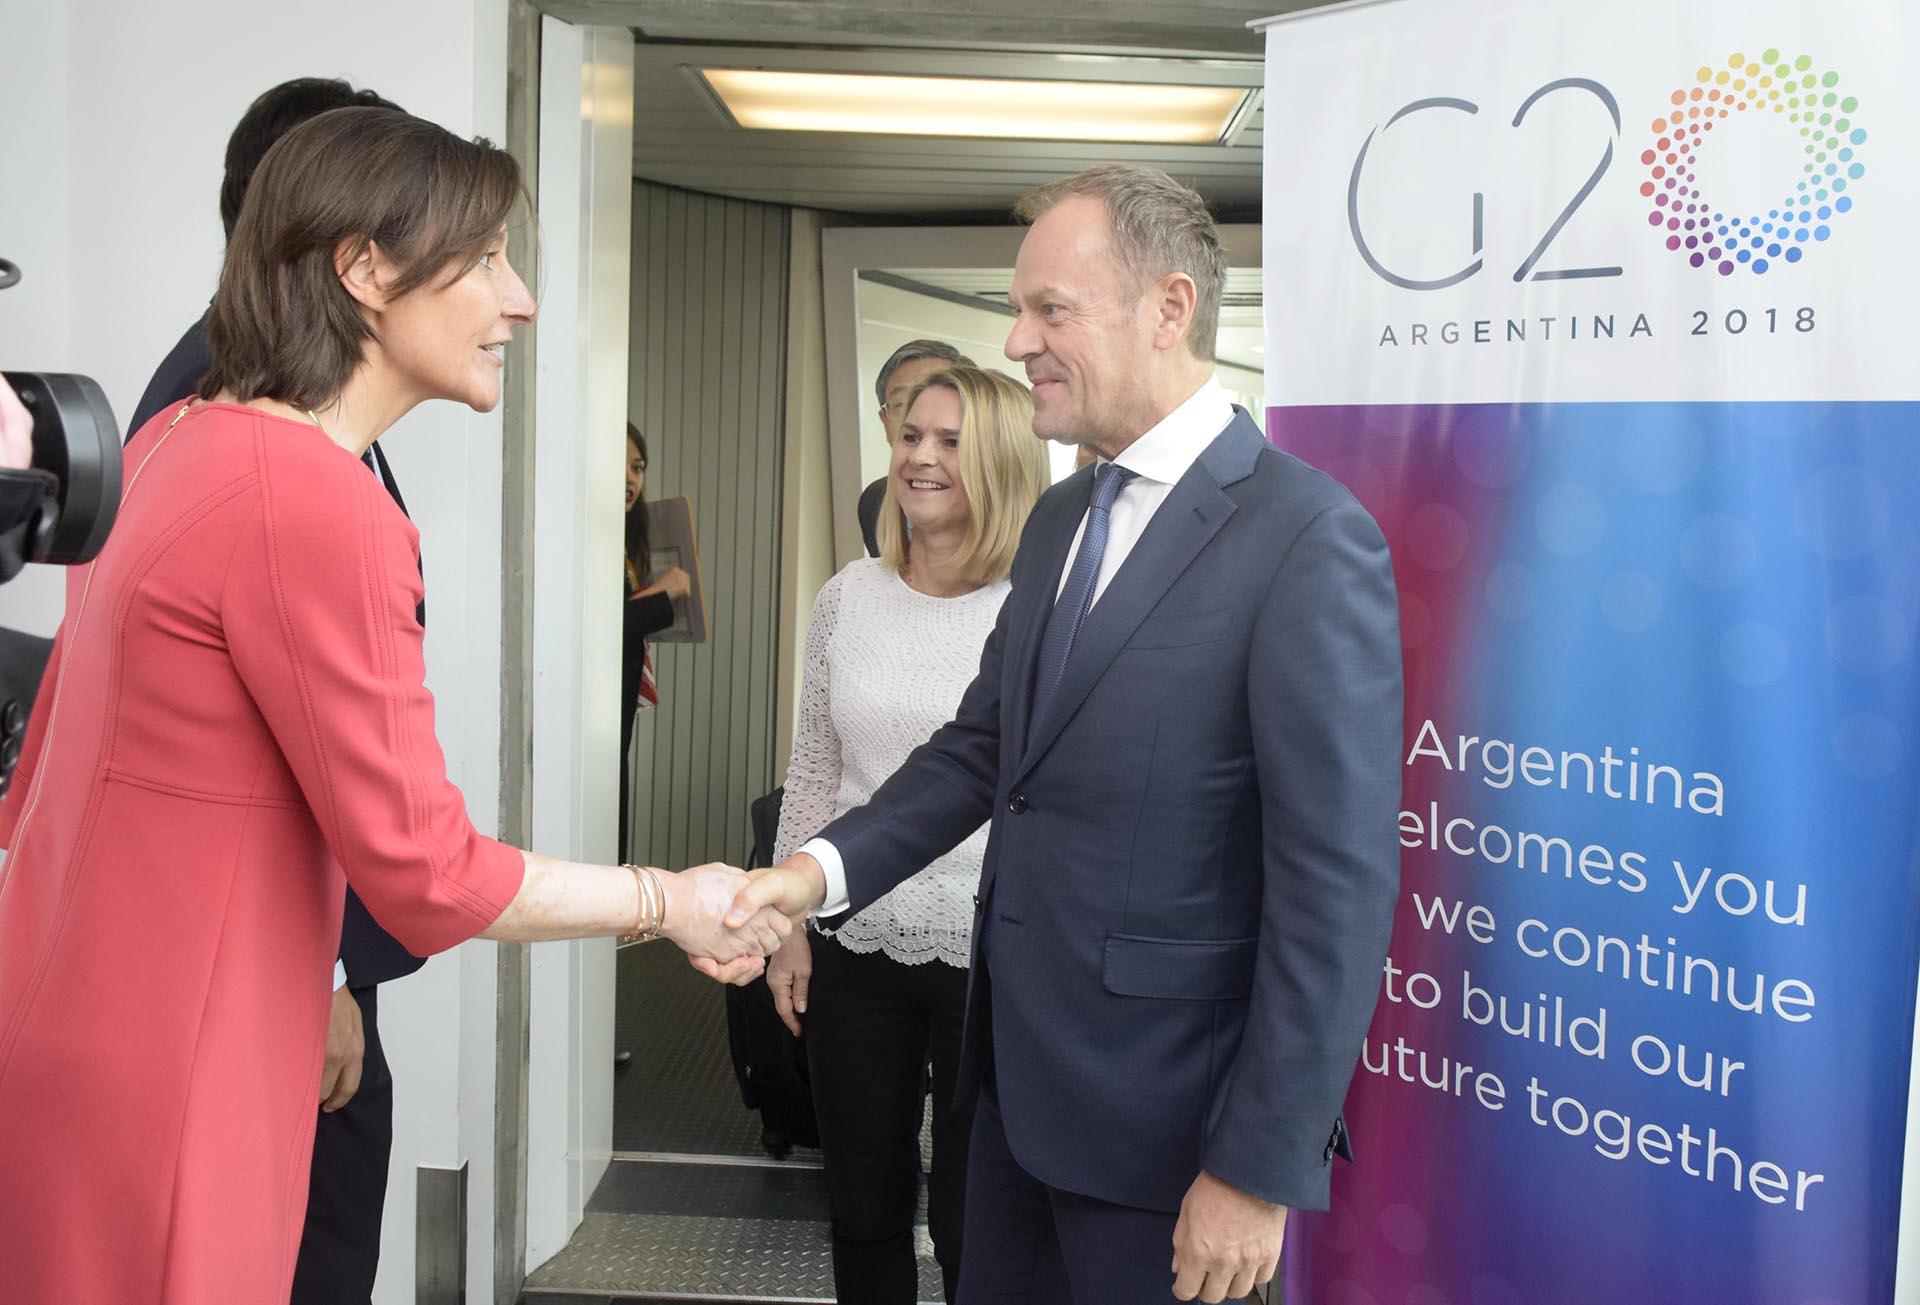 Aude Maio-Coliche, Jefa de la Delegación de la UE en Argentina, recibió a Donald Tusk, presidente del Consejo Europeo